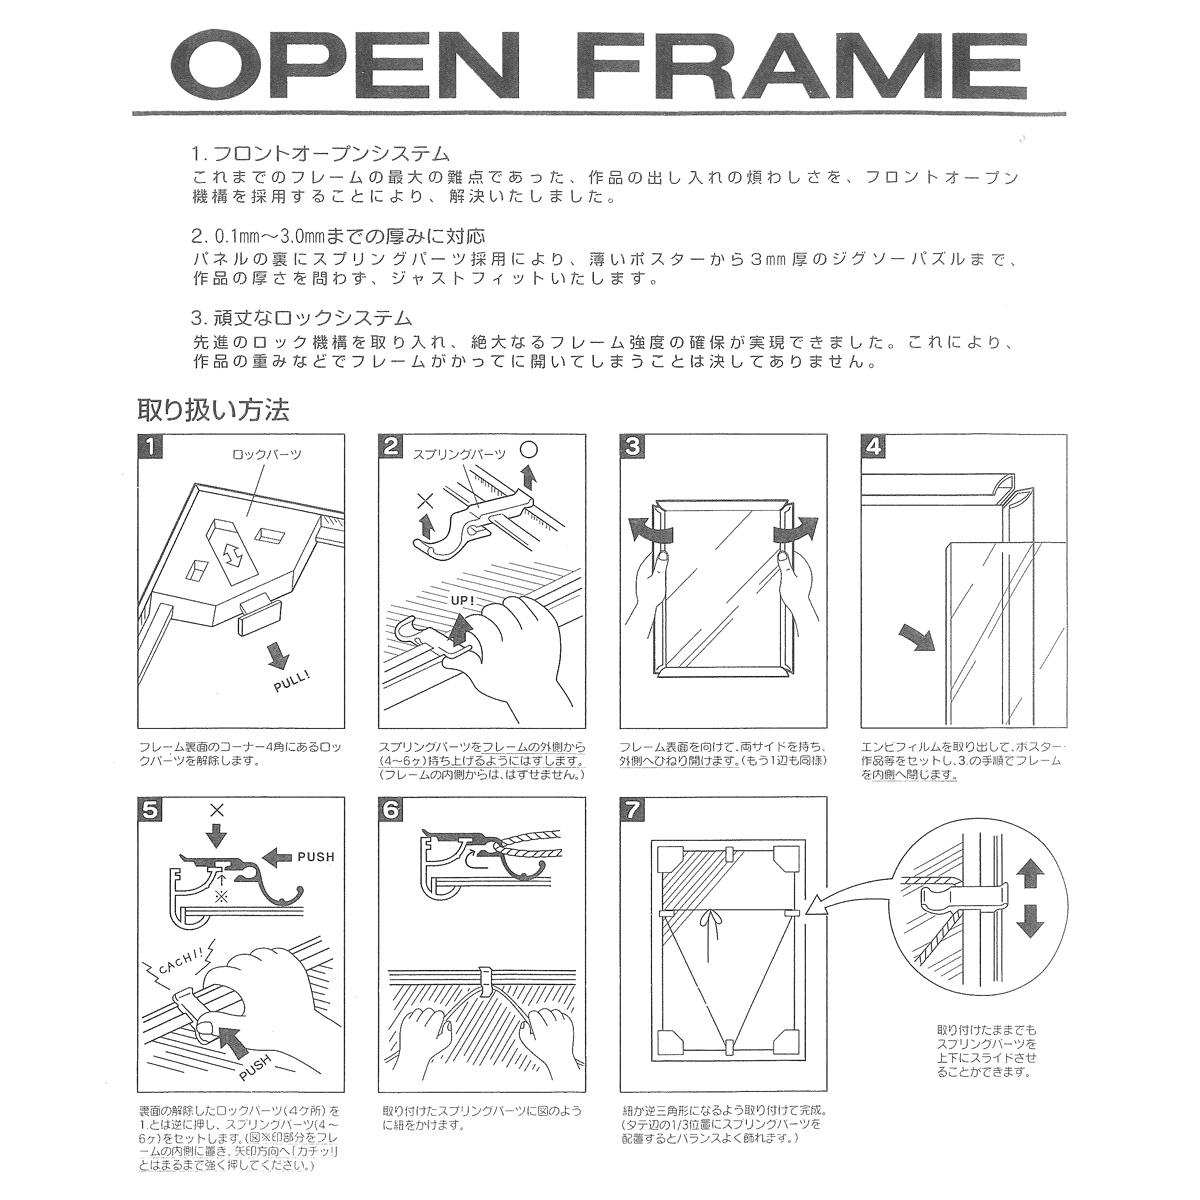 アルミフレーム・アルミパネル/オープンフレーム パズルサイズ(182mm×257mm)